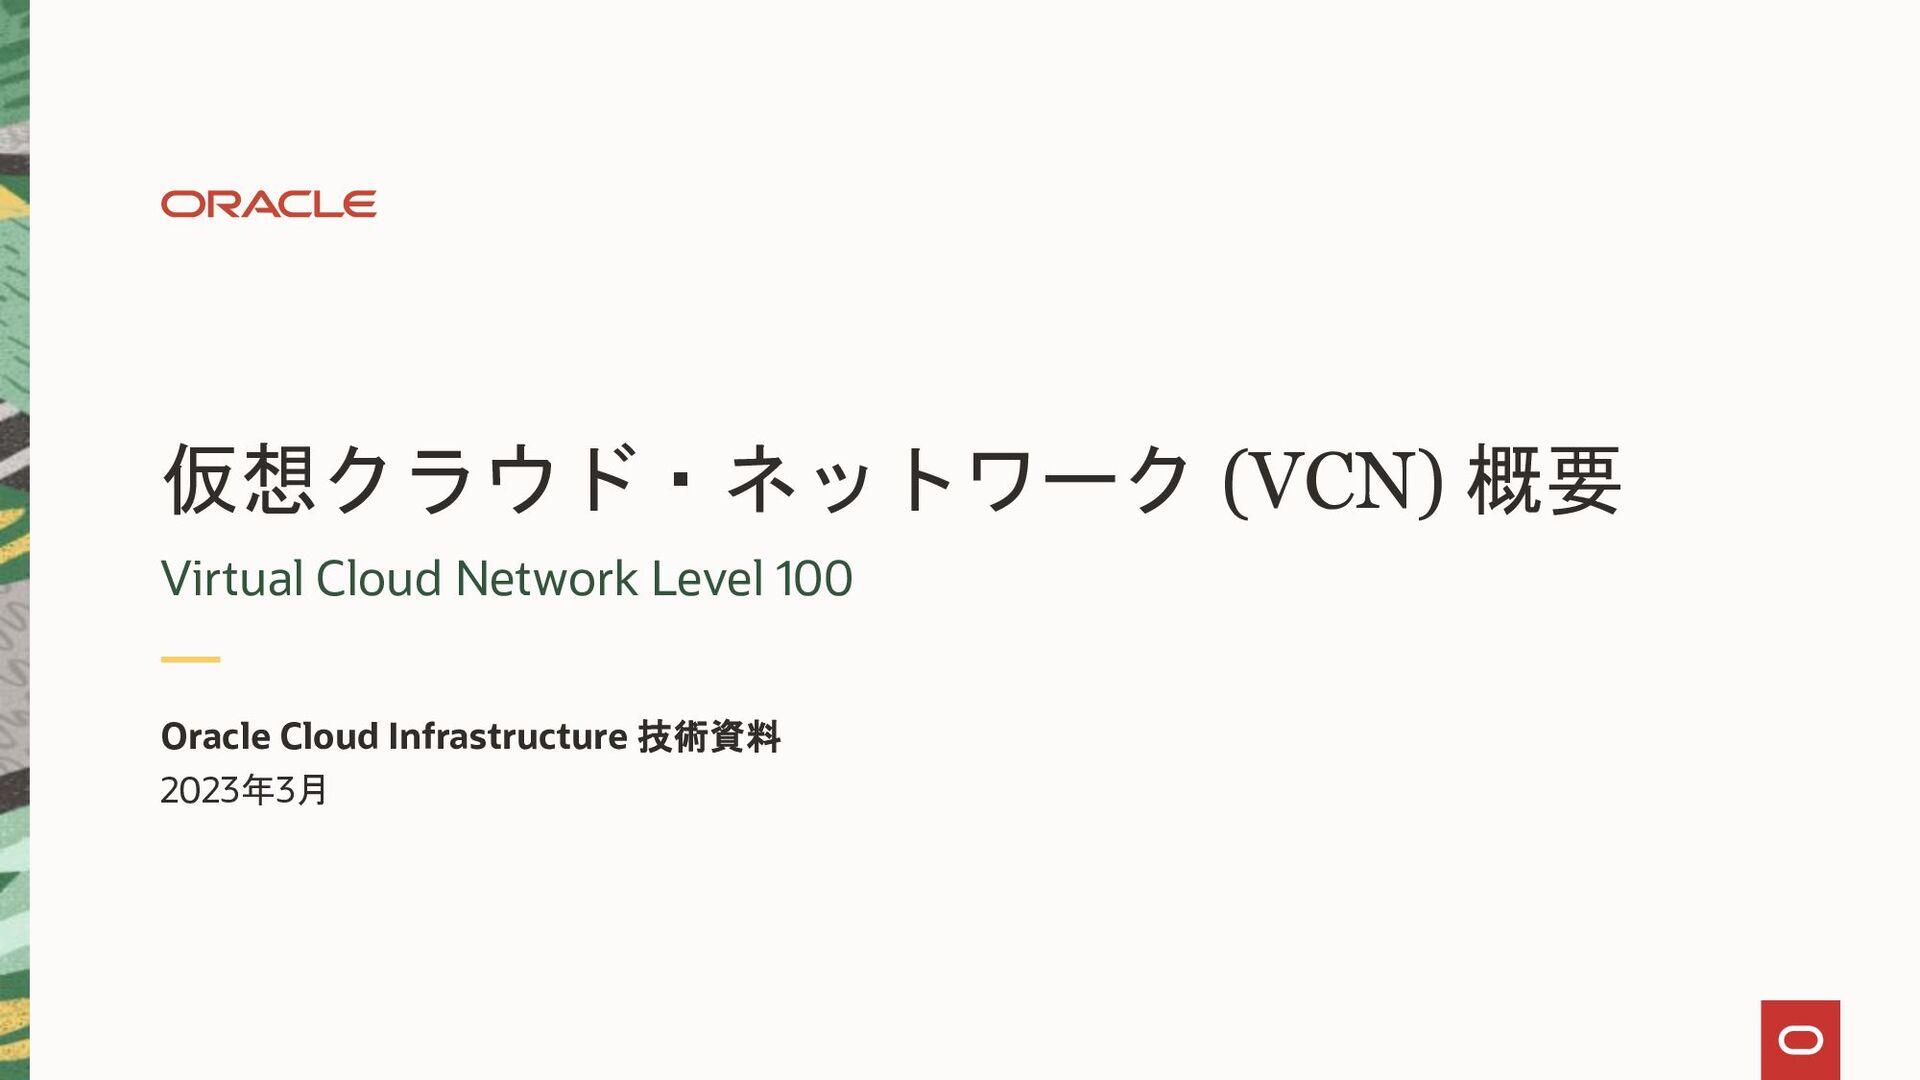 仮想クラウド・ネットワーク (VCN) 概要 Virtual Cloud Network Le...